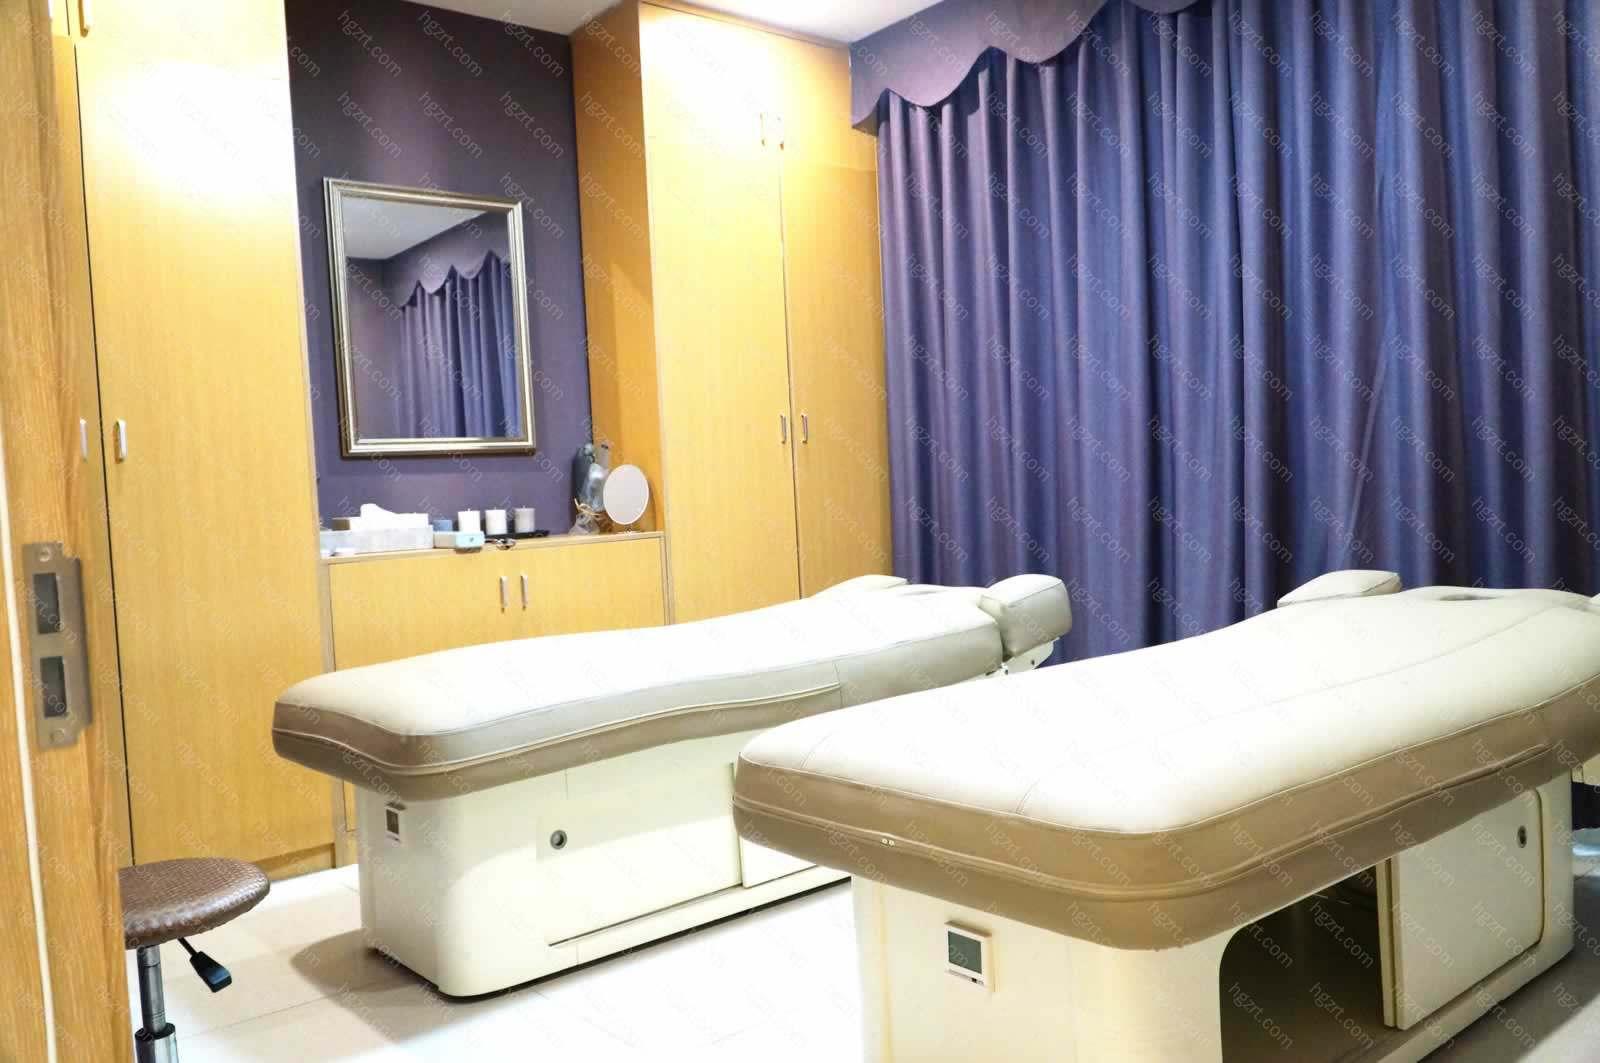 同时提供医学检验科、医学影像科(X线诊断、超声诊断、心电诊断)和药房服务